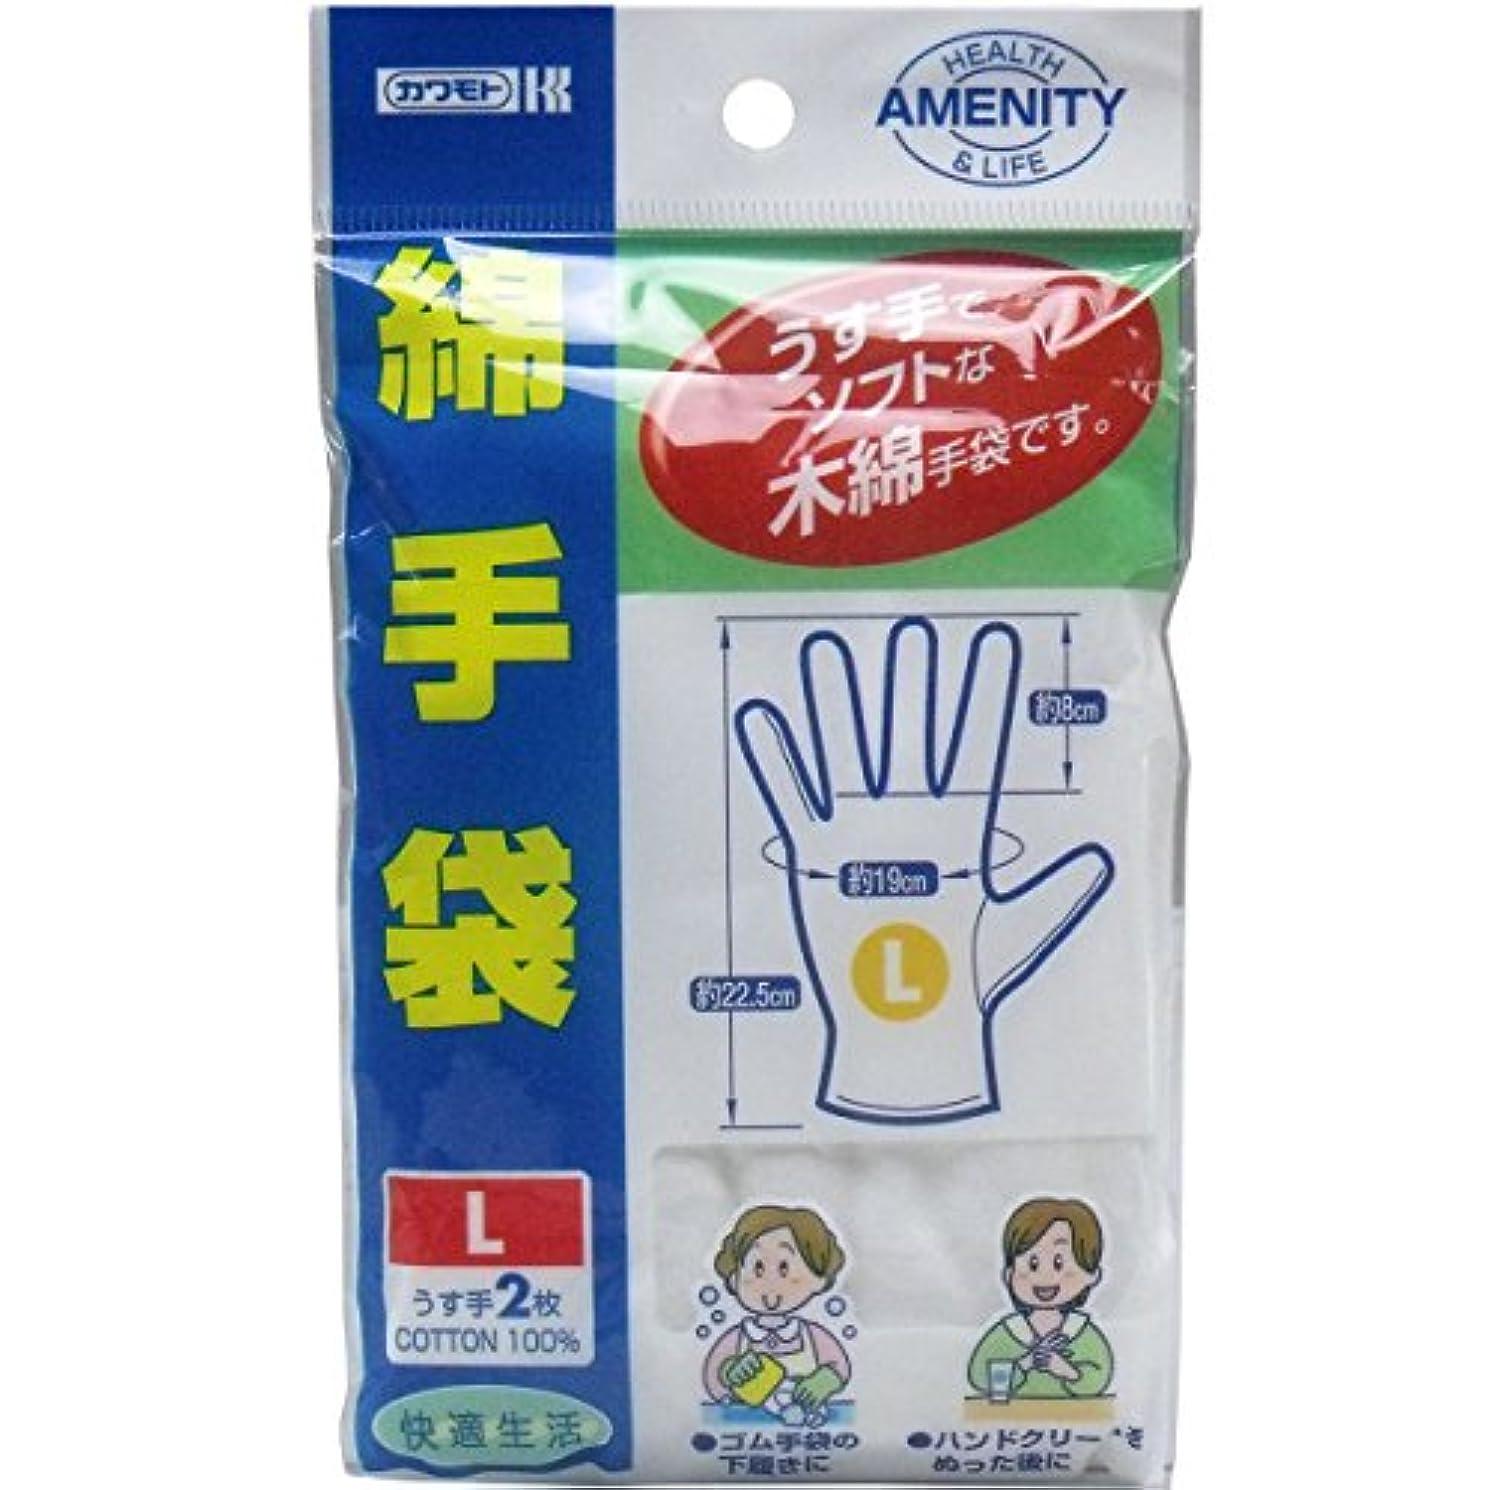 免除悔い改め増幅【セット品】綿手袋 Lサイズ うす手2枚入 7個